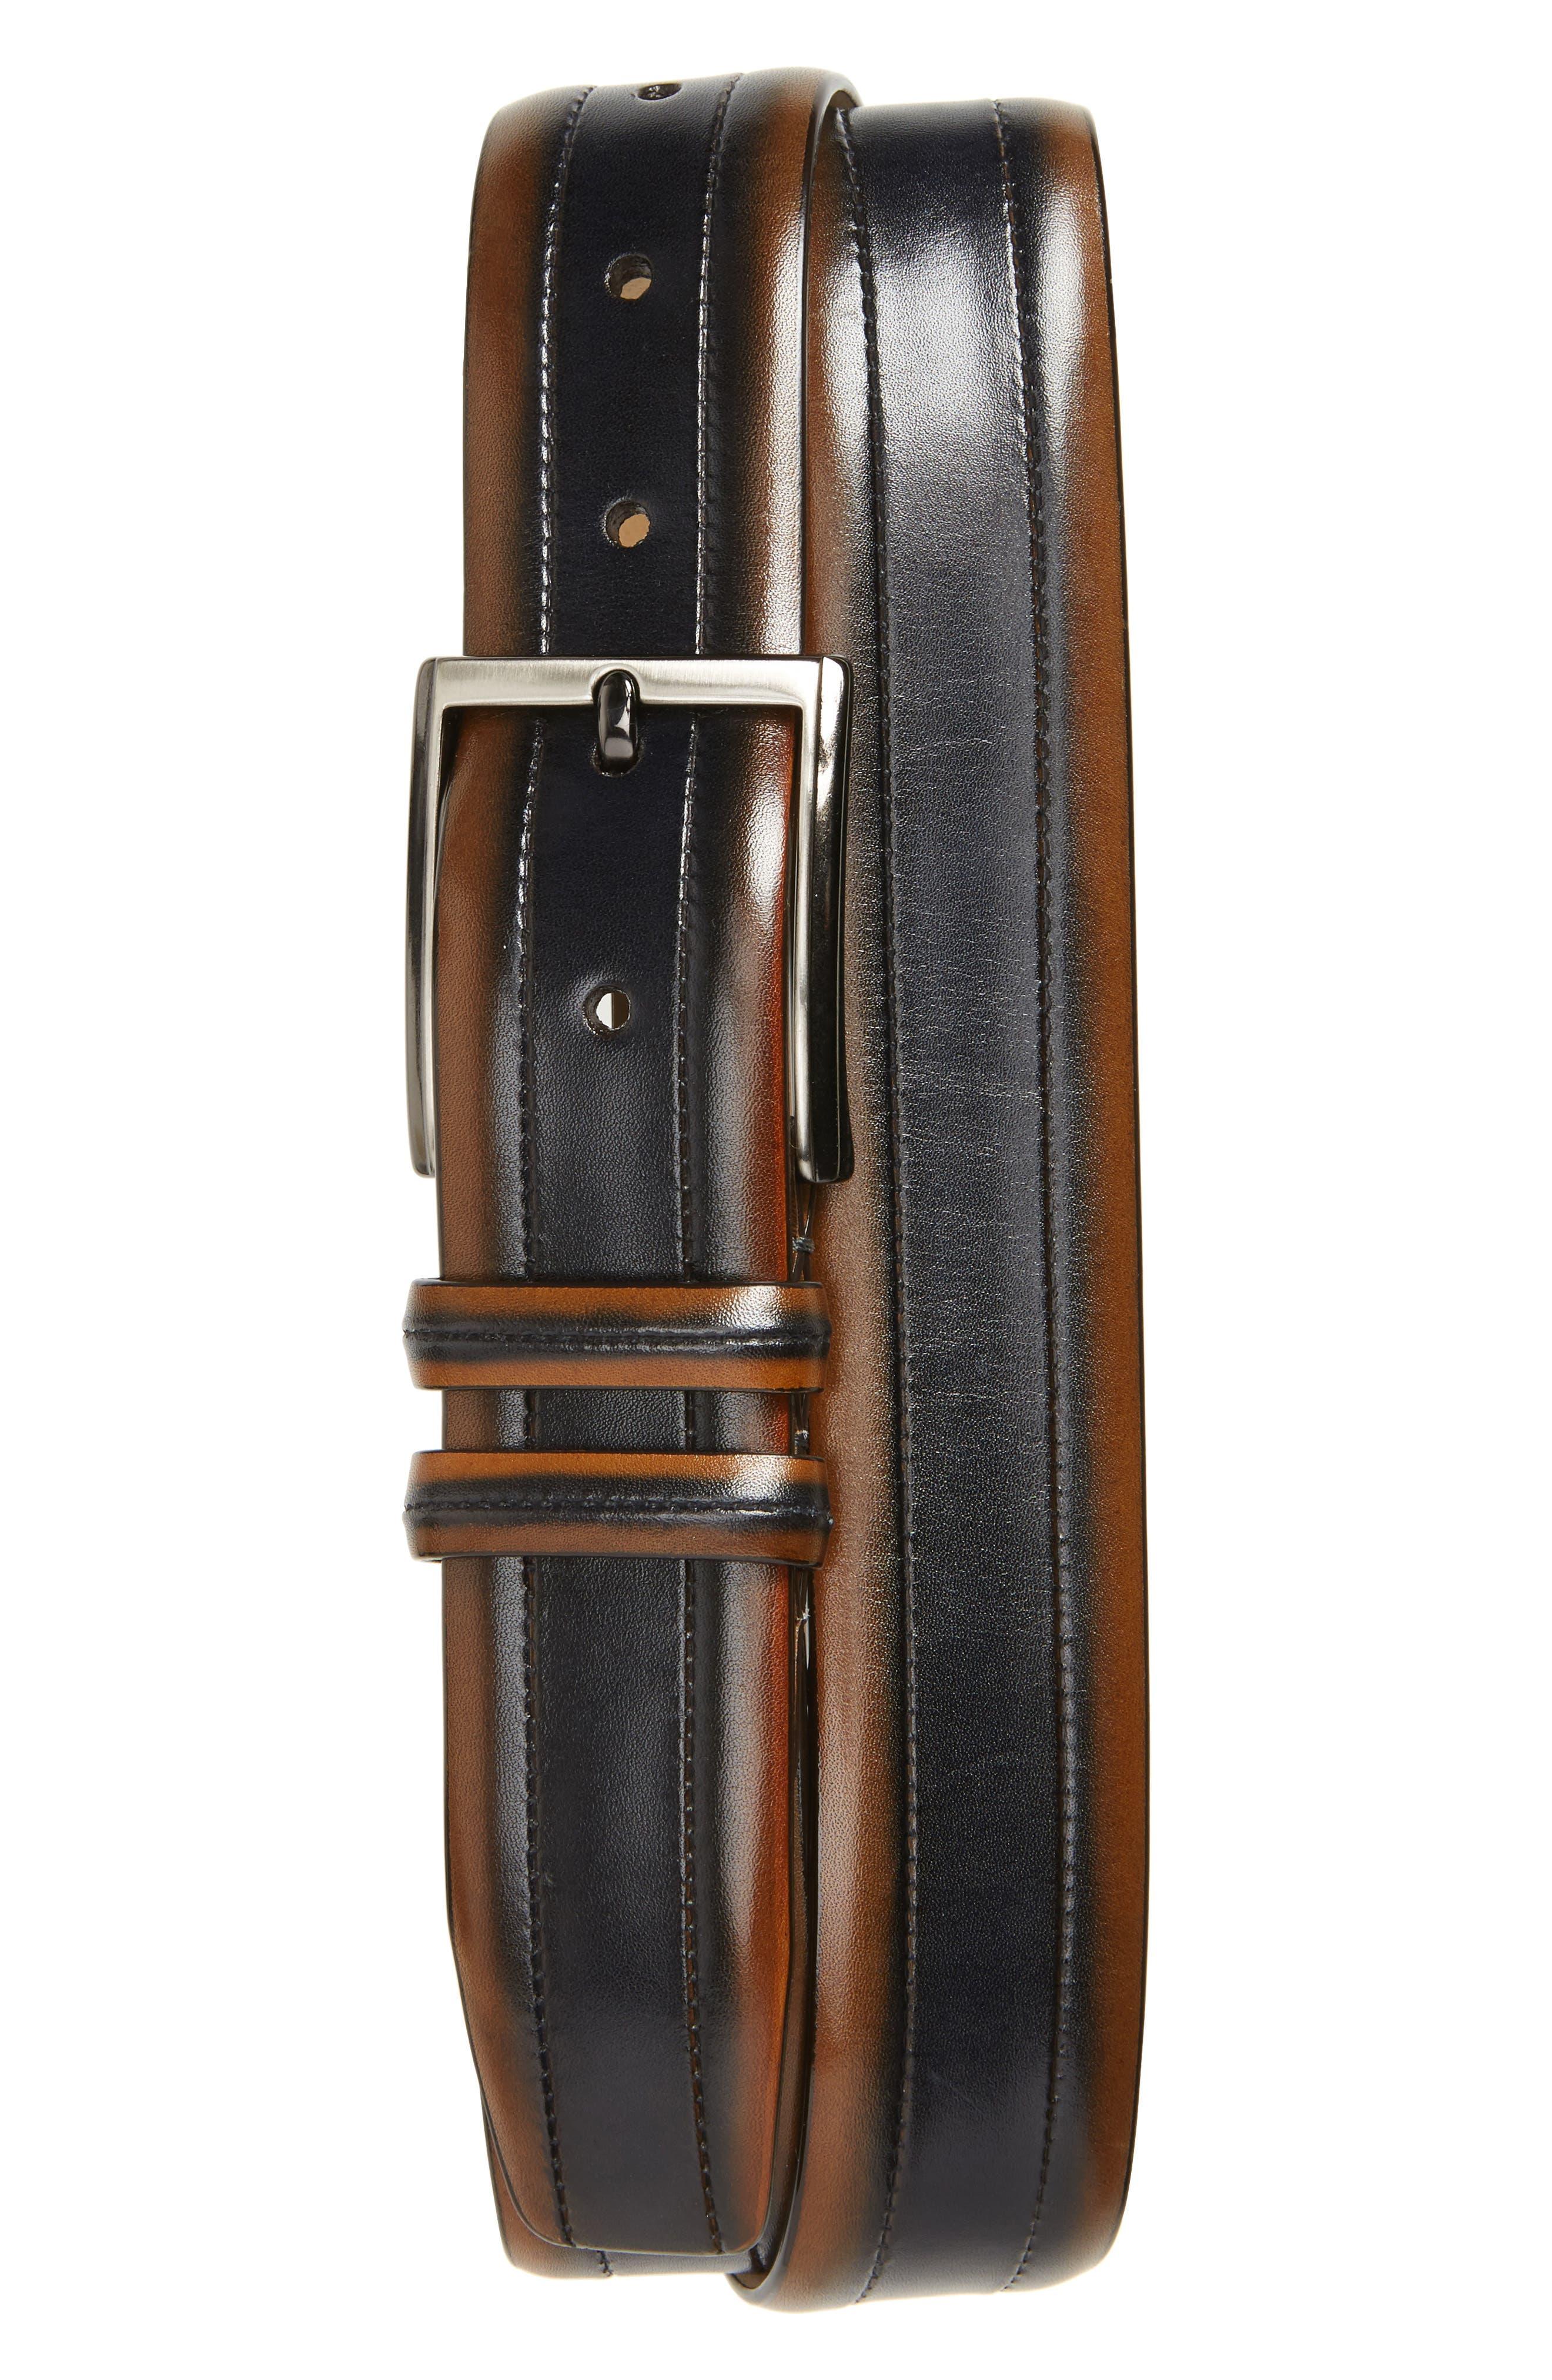 MEZLAN, Palma Leather Belt, Main thumbnail 1, color, TAN/ BLUE